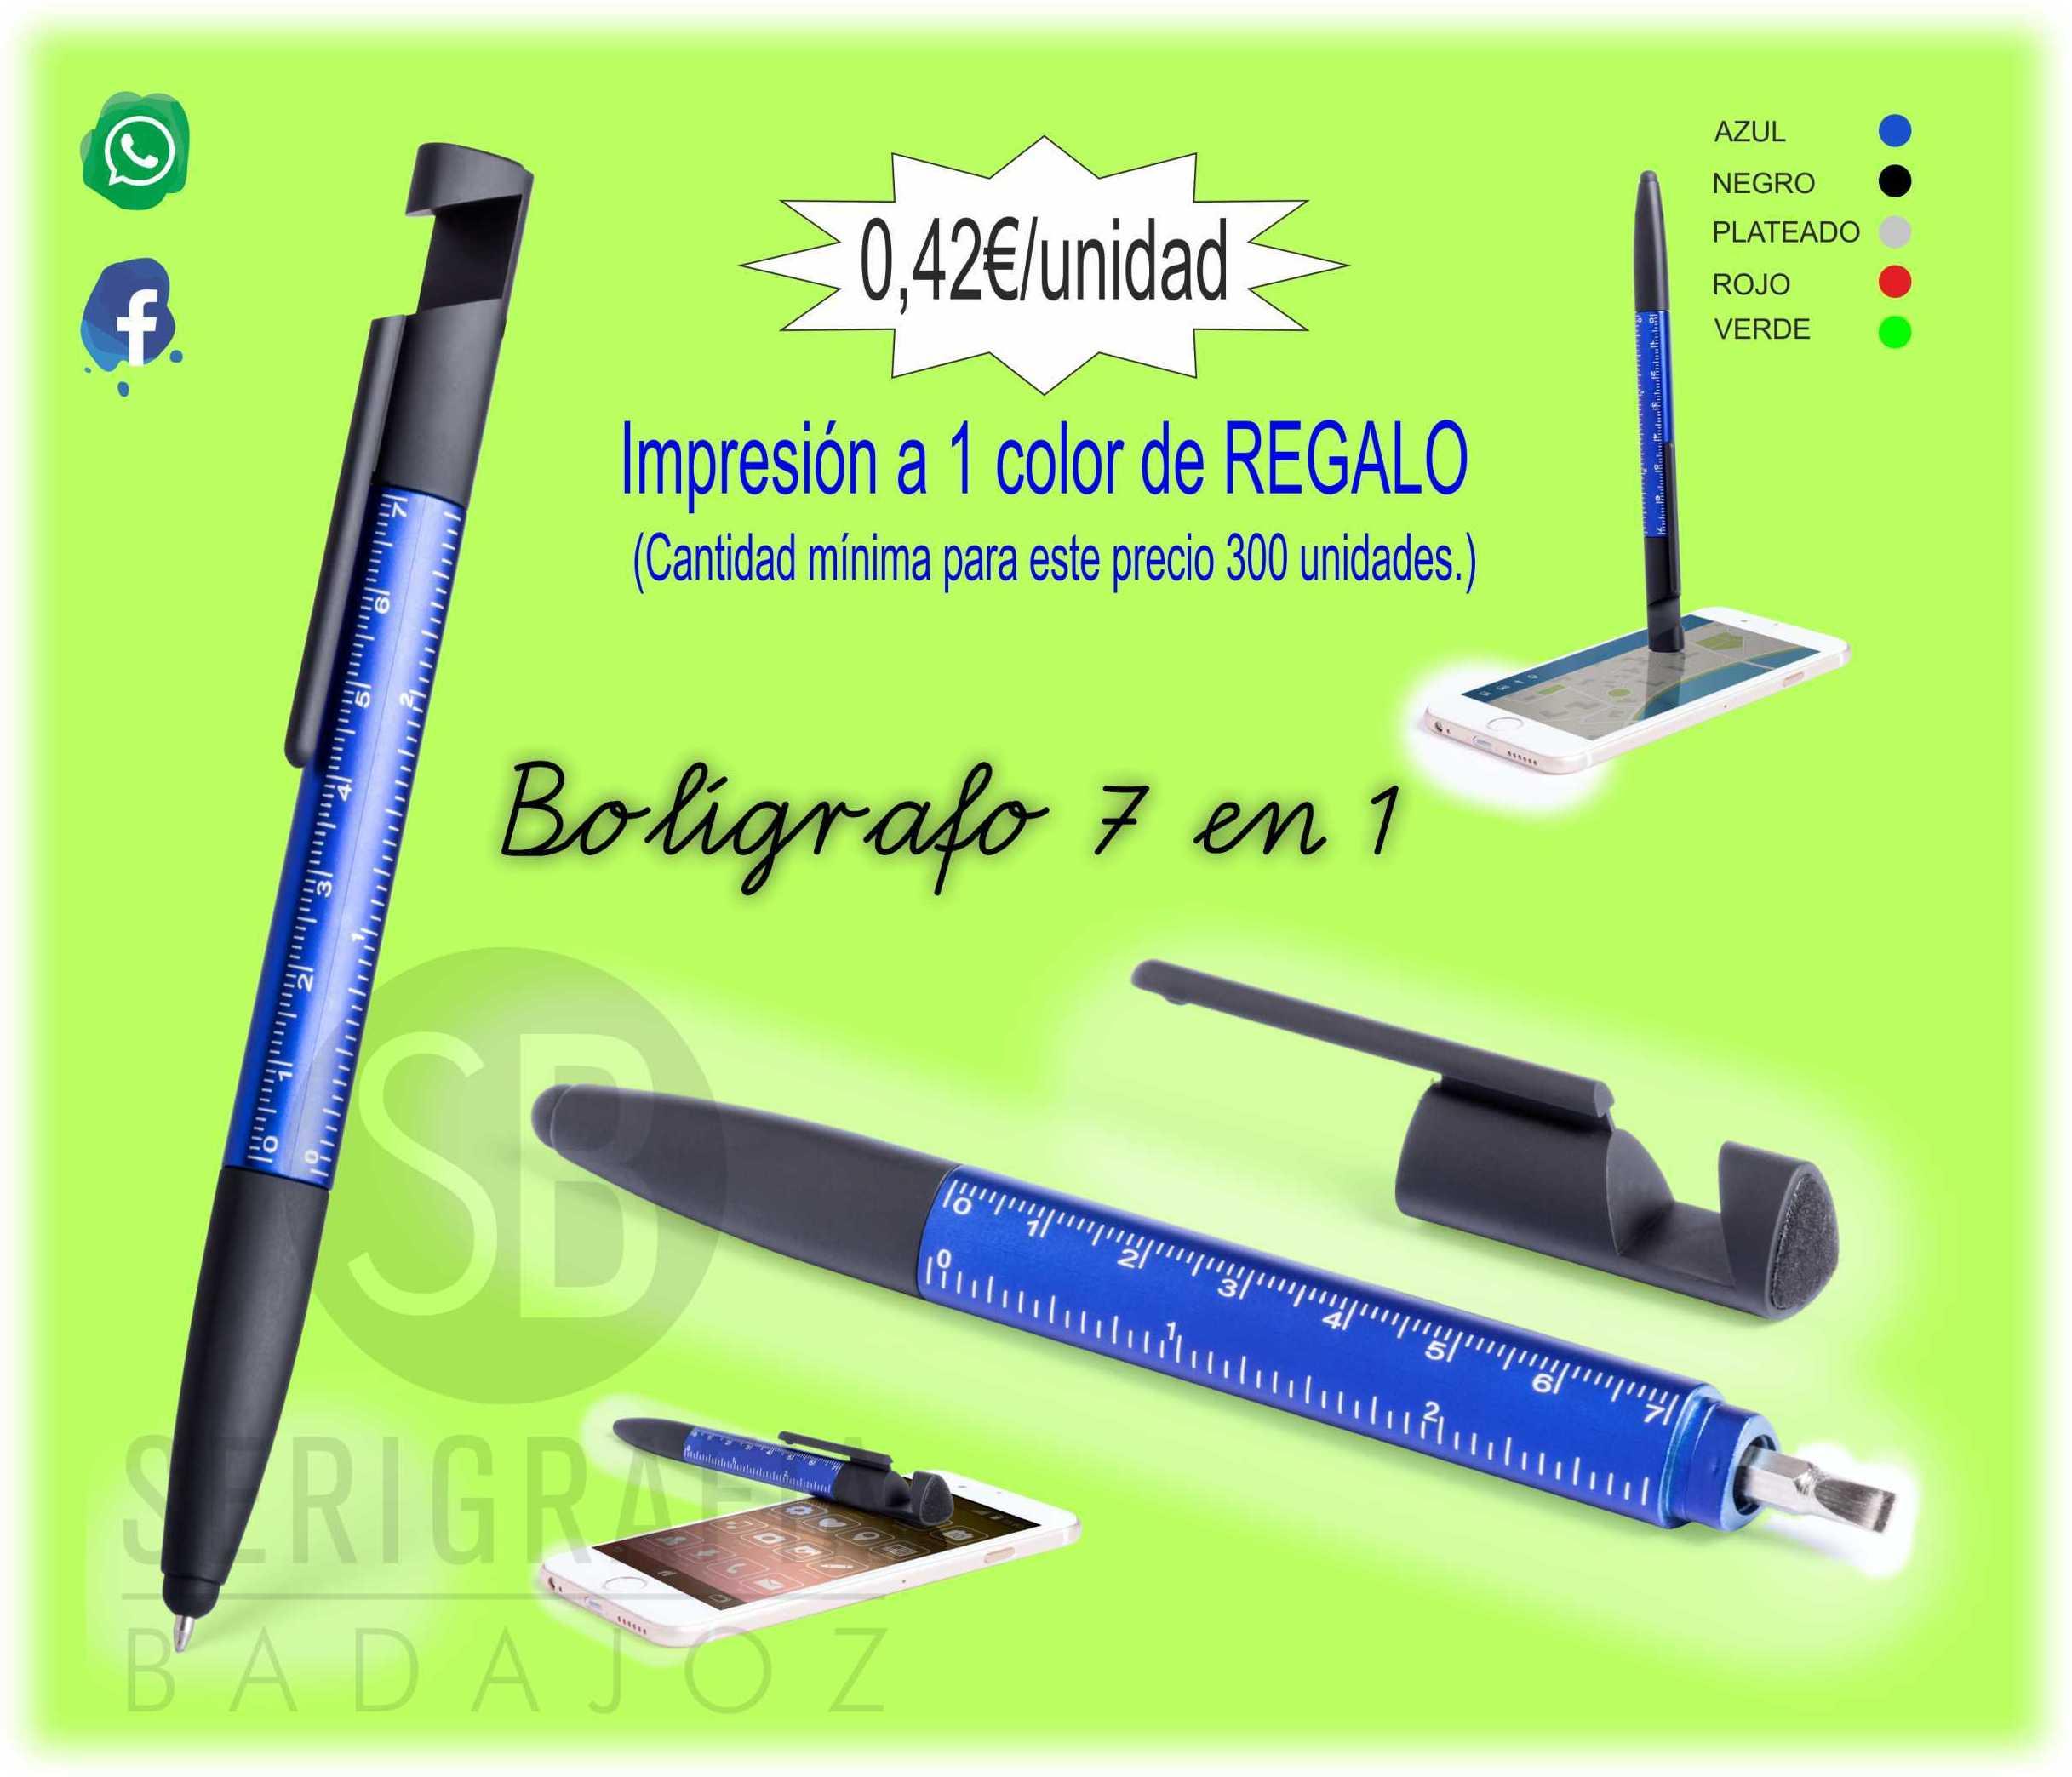 OFERTA: Servicios de Serigrafía Badajoz